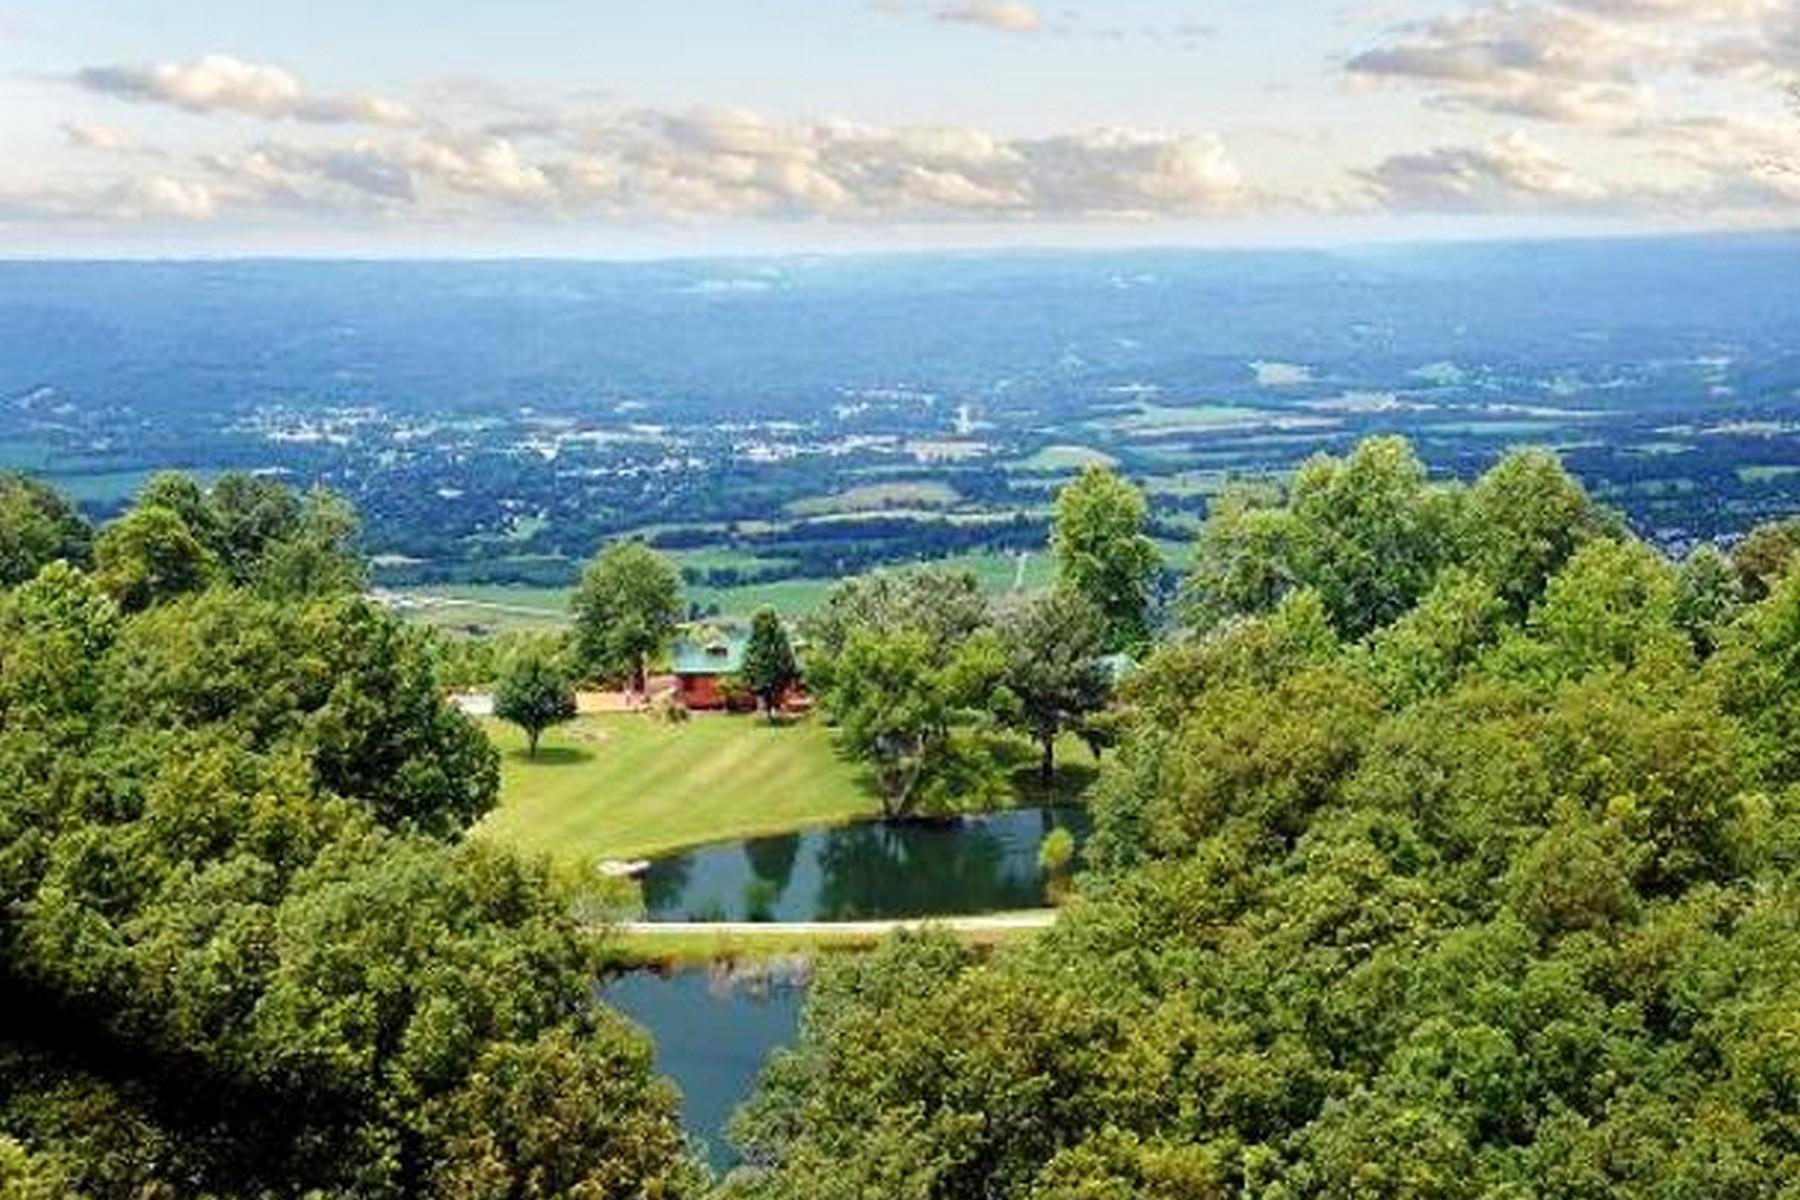 Casa Unifamiliar por un Venta en Expansive East Tennessee Views! 1125 Rigsby Gap Road, Pikeville, Tennessee, 37367 Estados Unidos